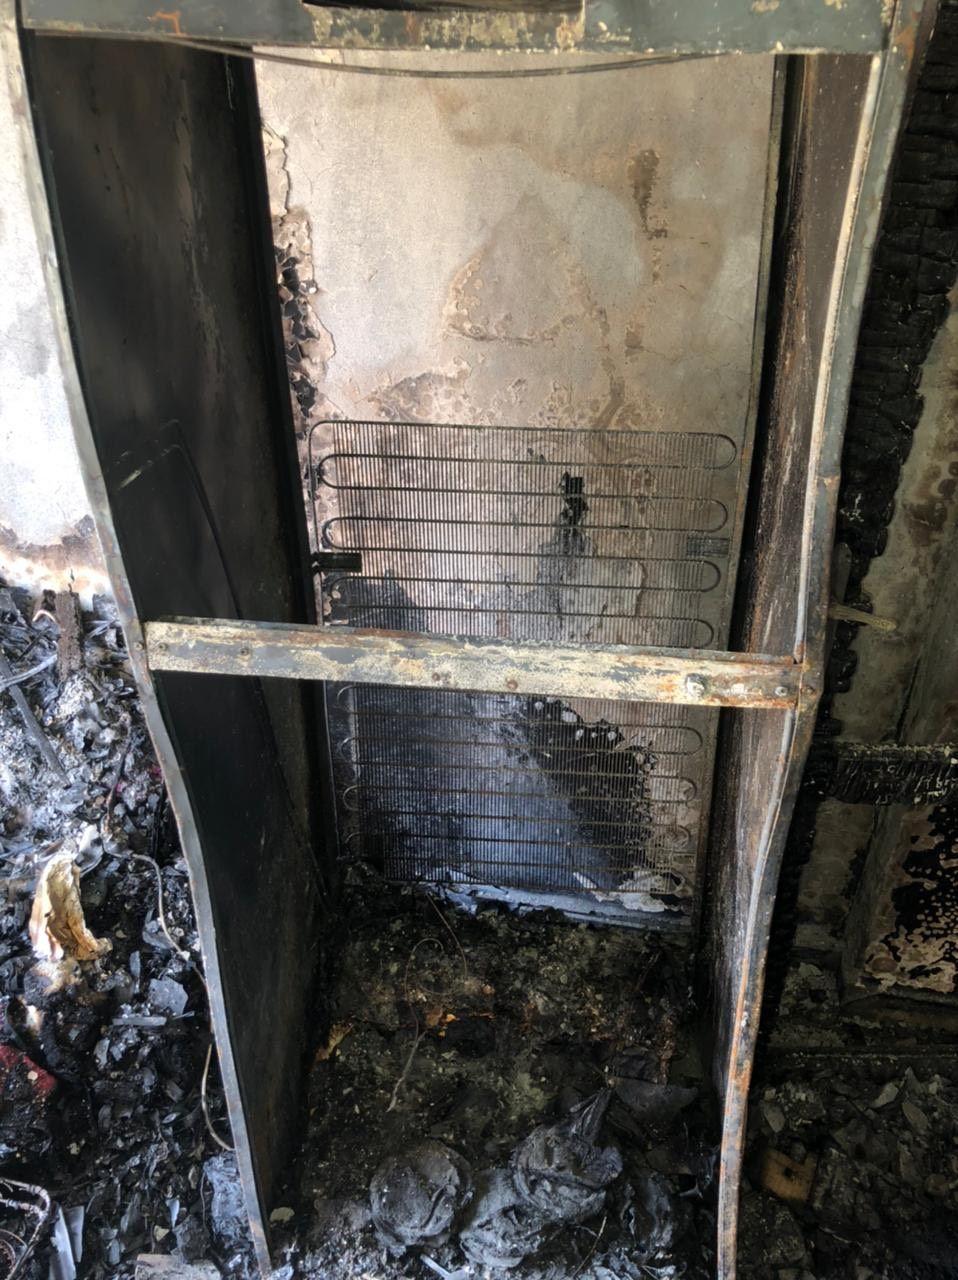 الحريق بسبب عيوب صناعة في الثلاجة